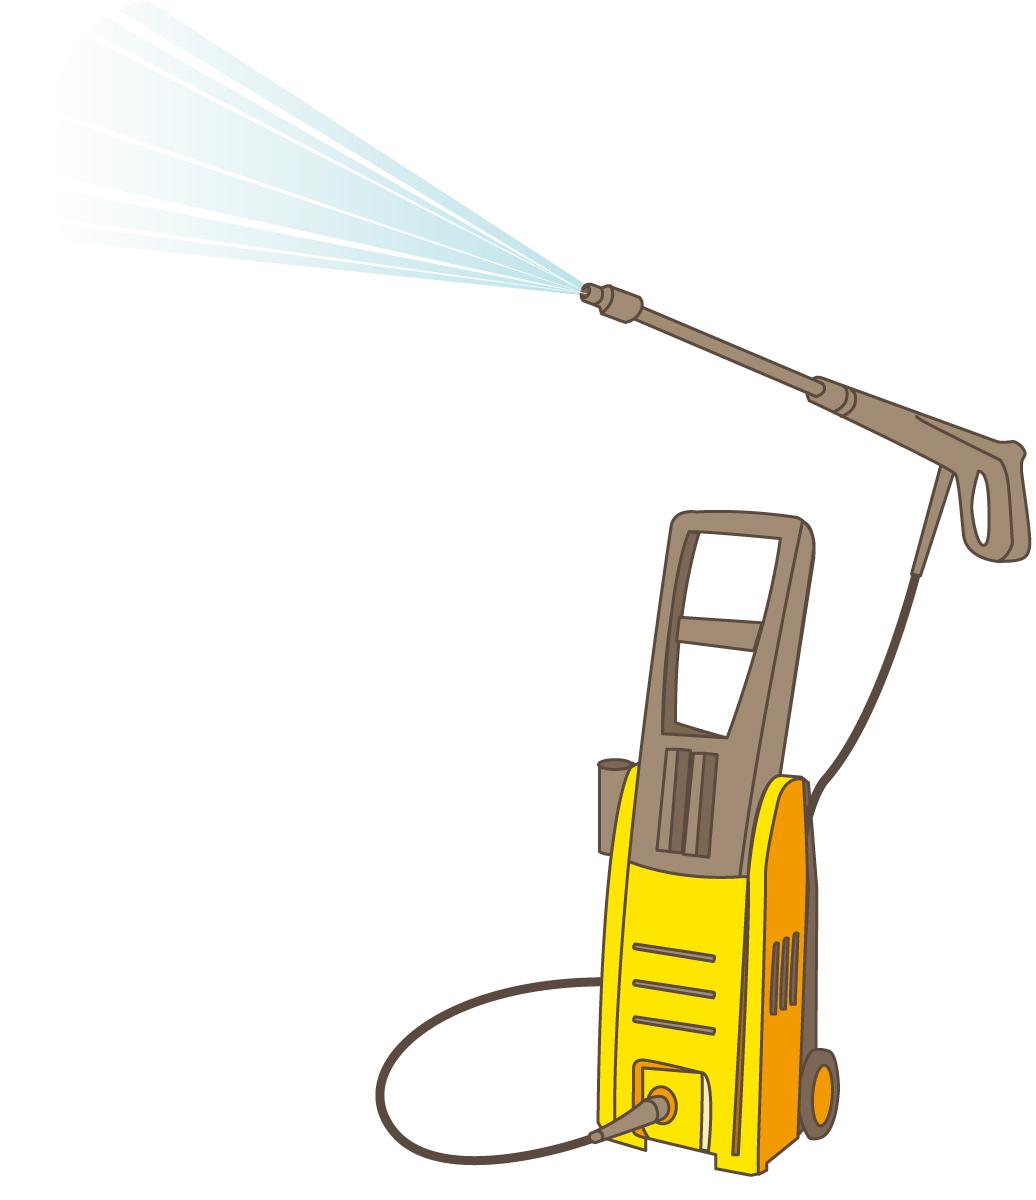 排水の悪臭を掃除・高圧洗浄して解消することは超重要!